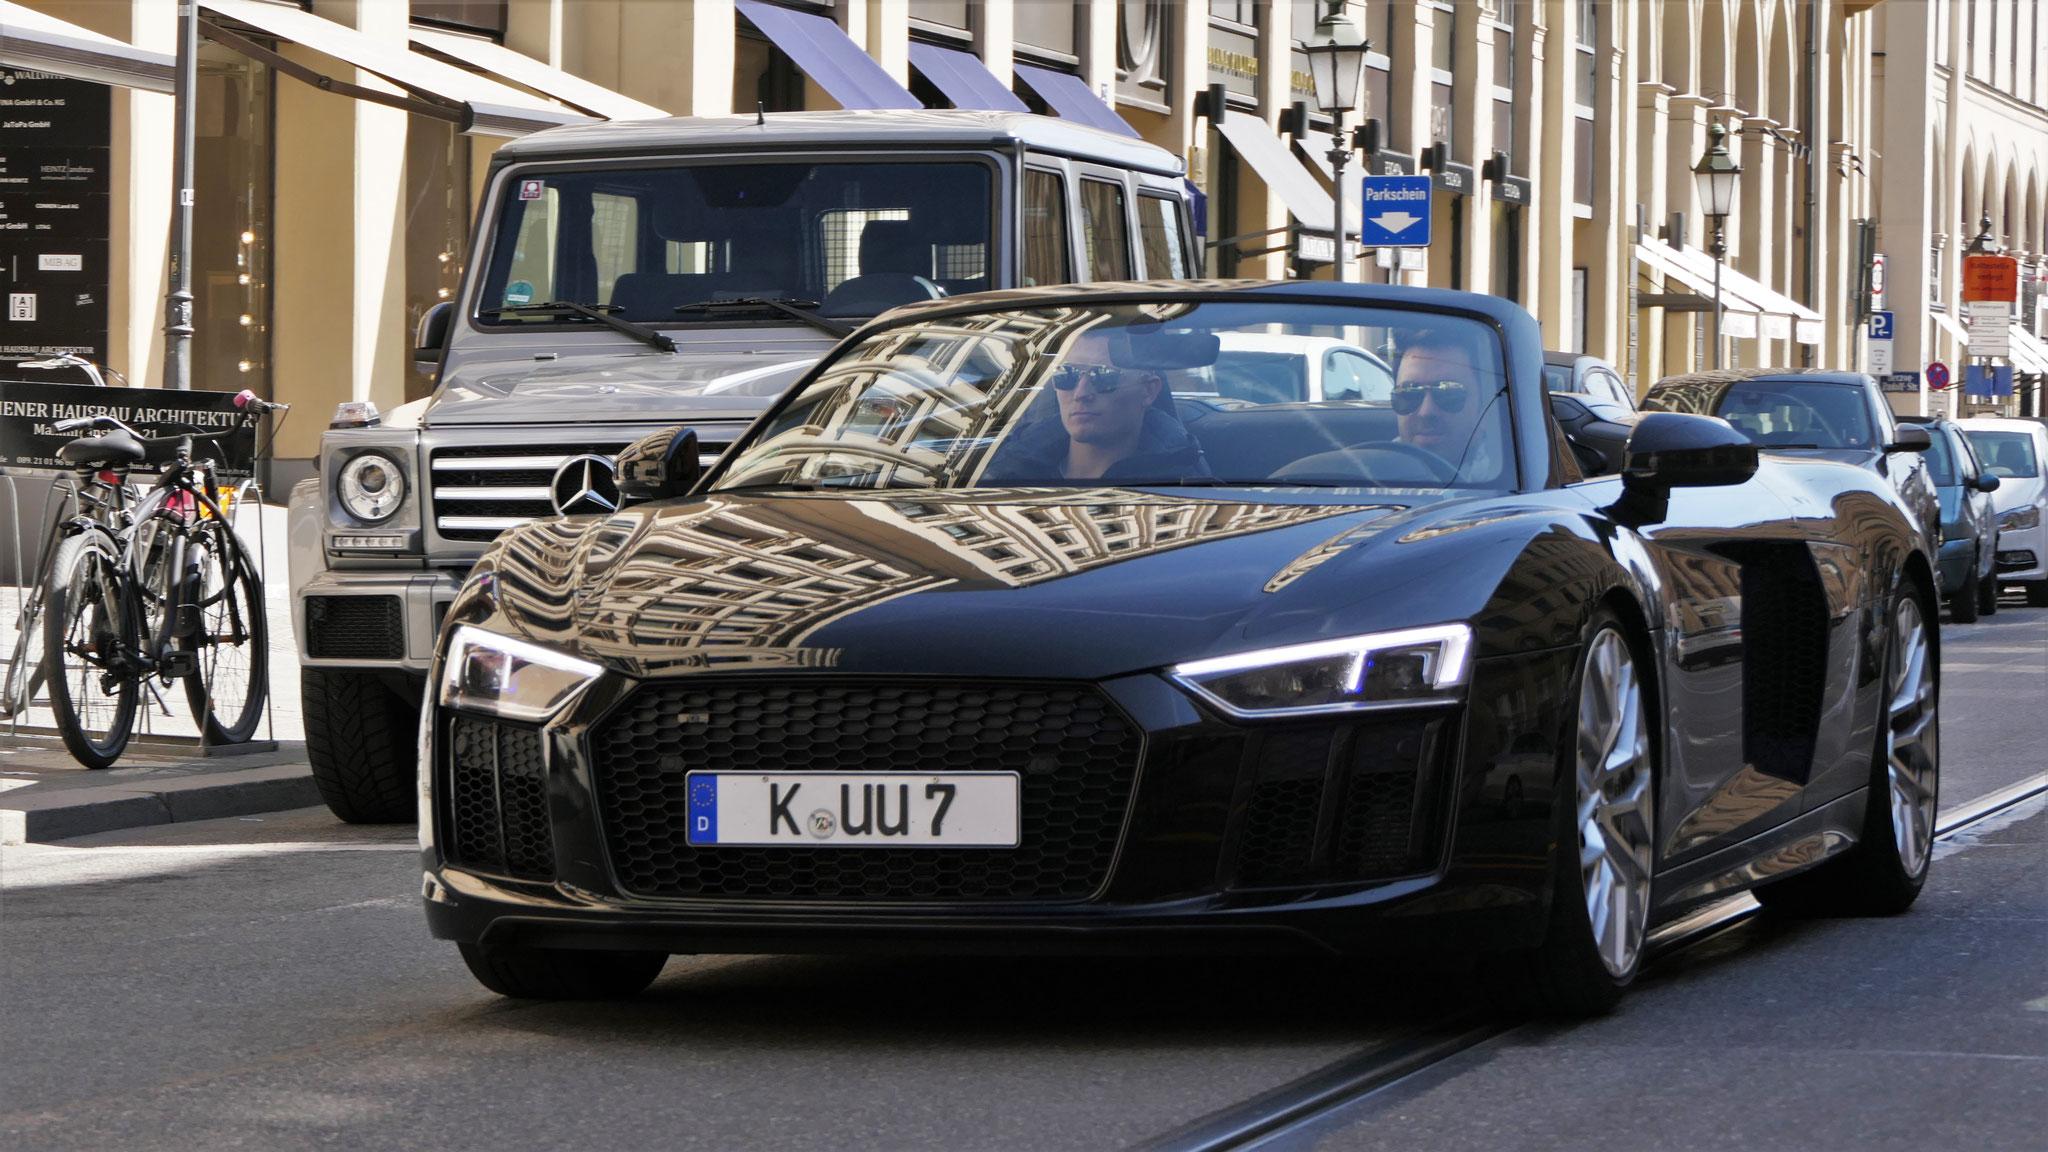 Audi R8 V10 Spyder - K-UU-7